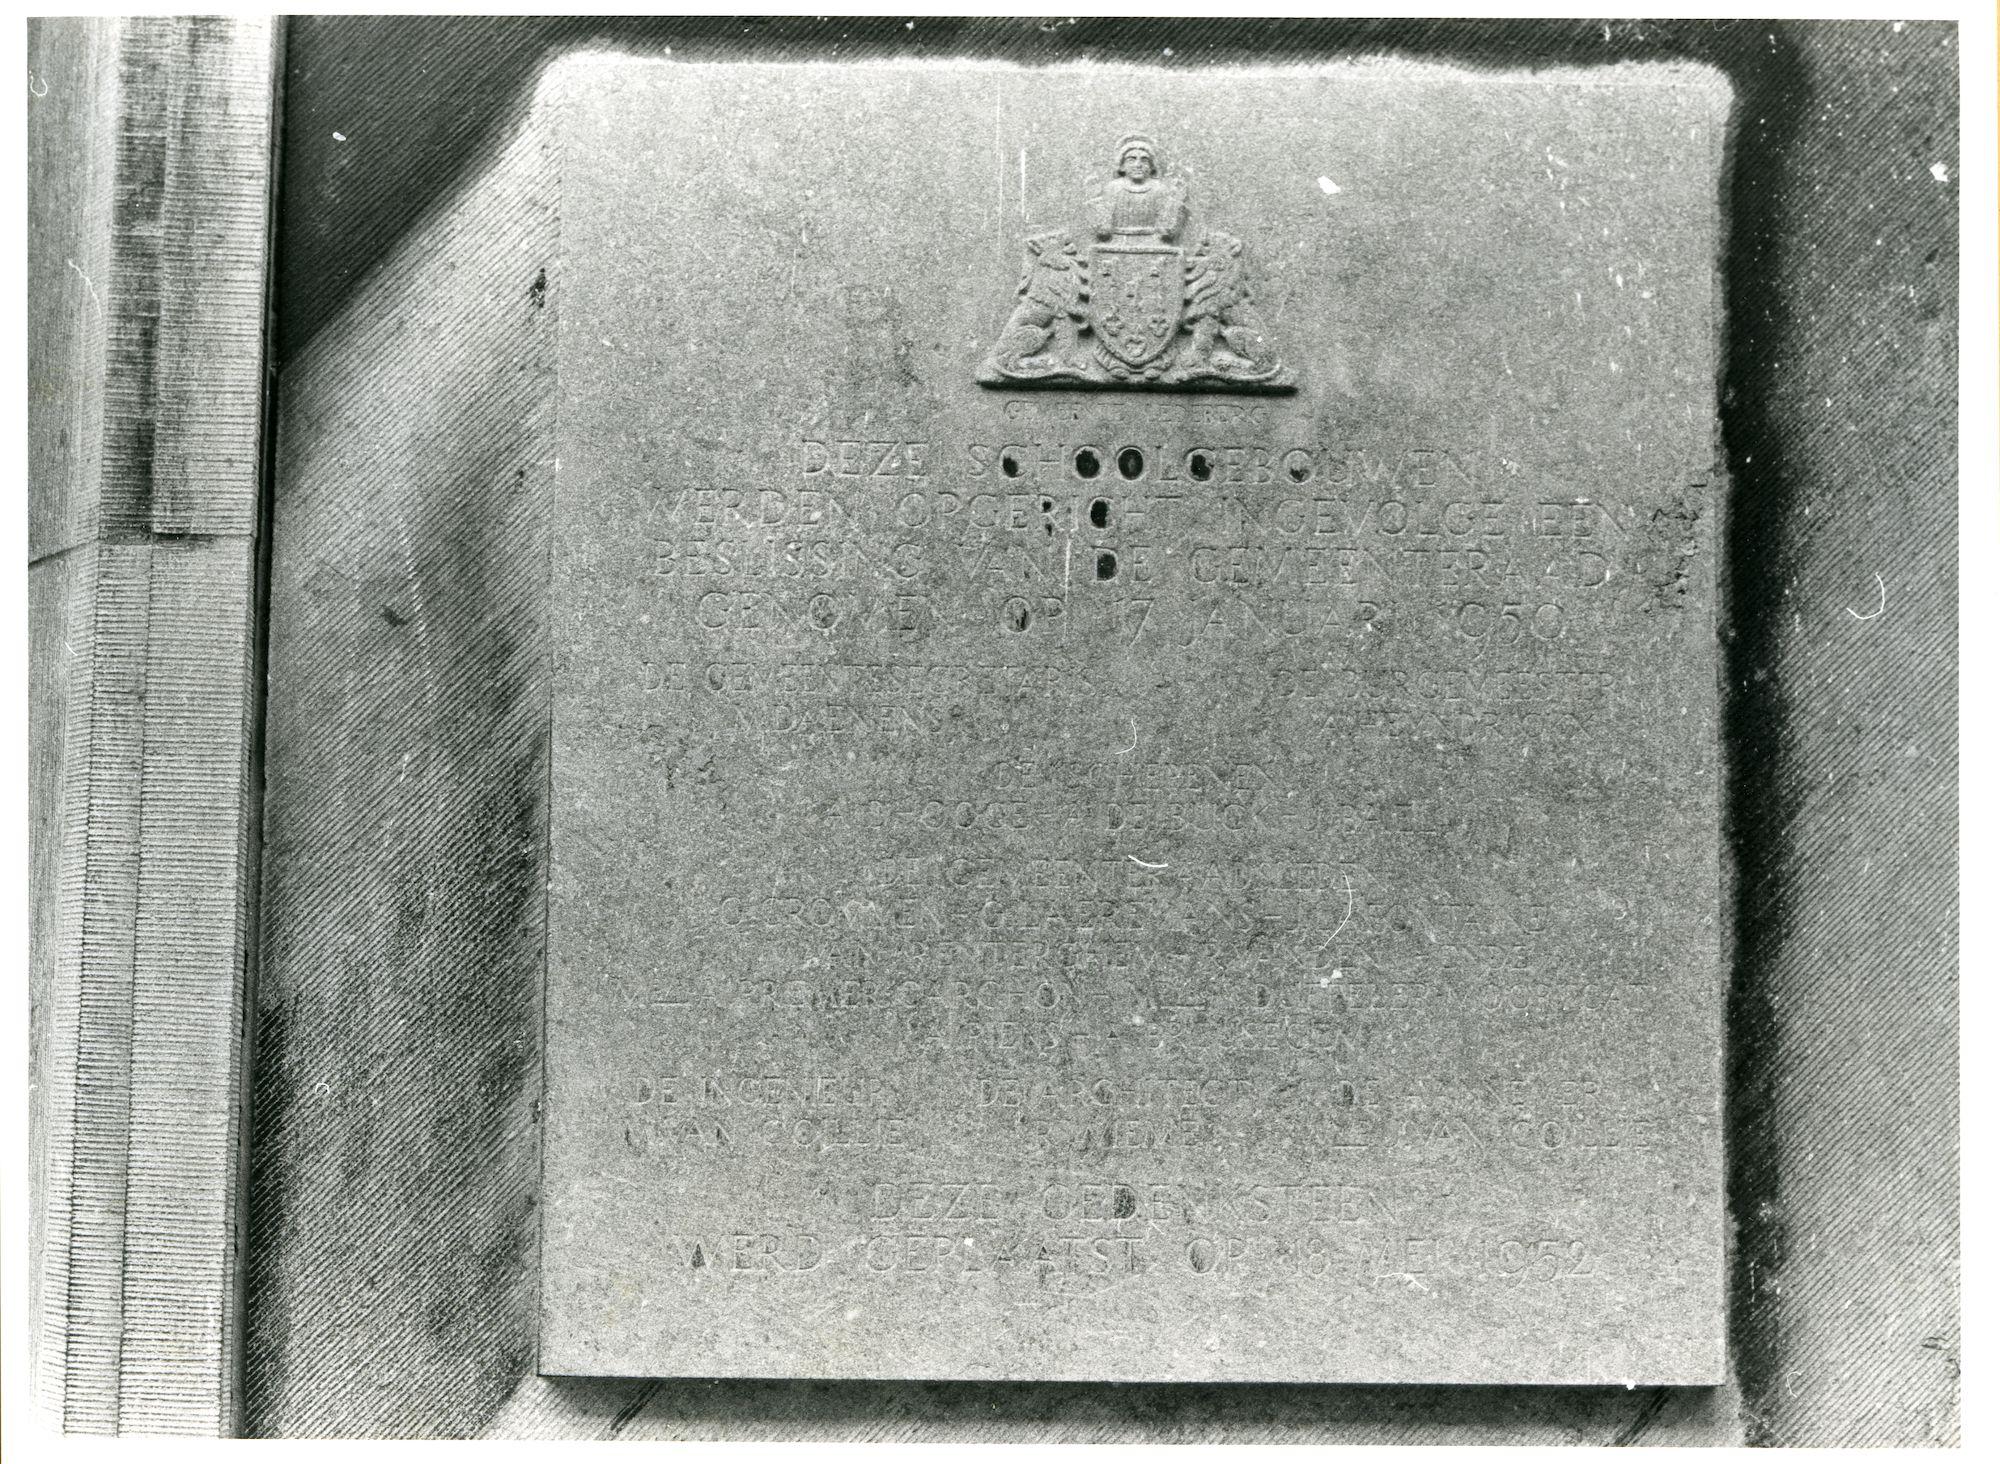 Ledeberg: Onderwijsstraat 8: Gedenksteen, 1979